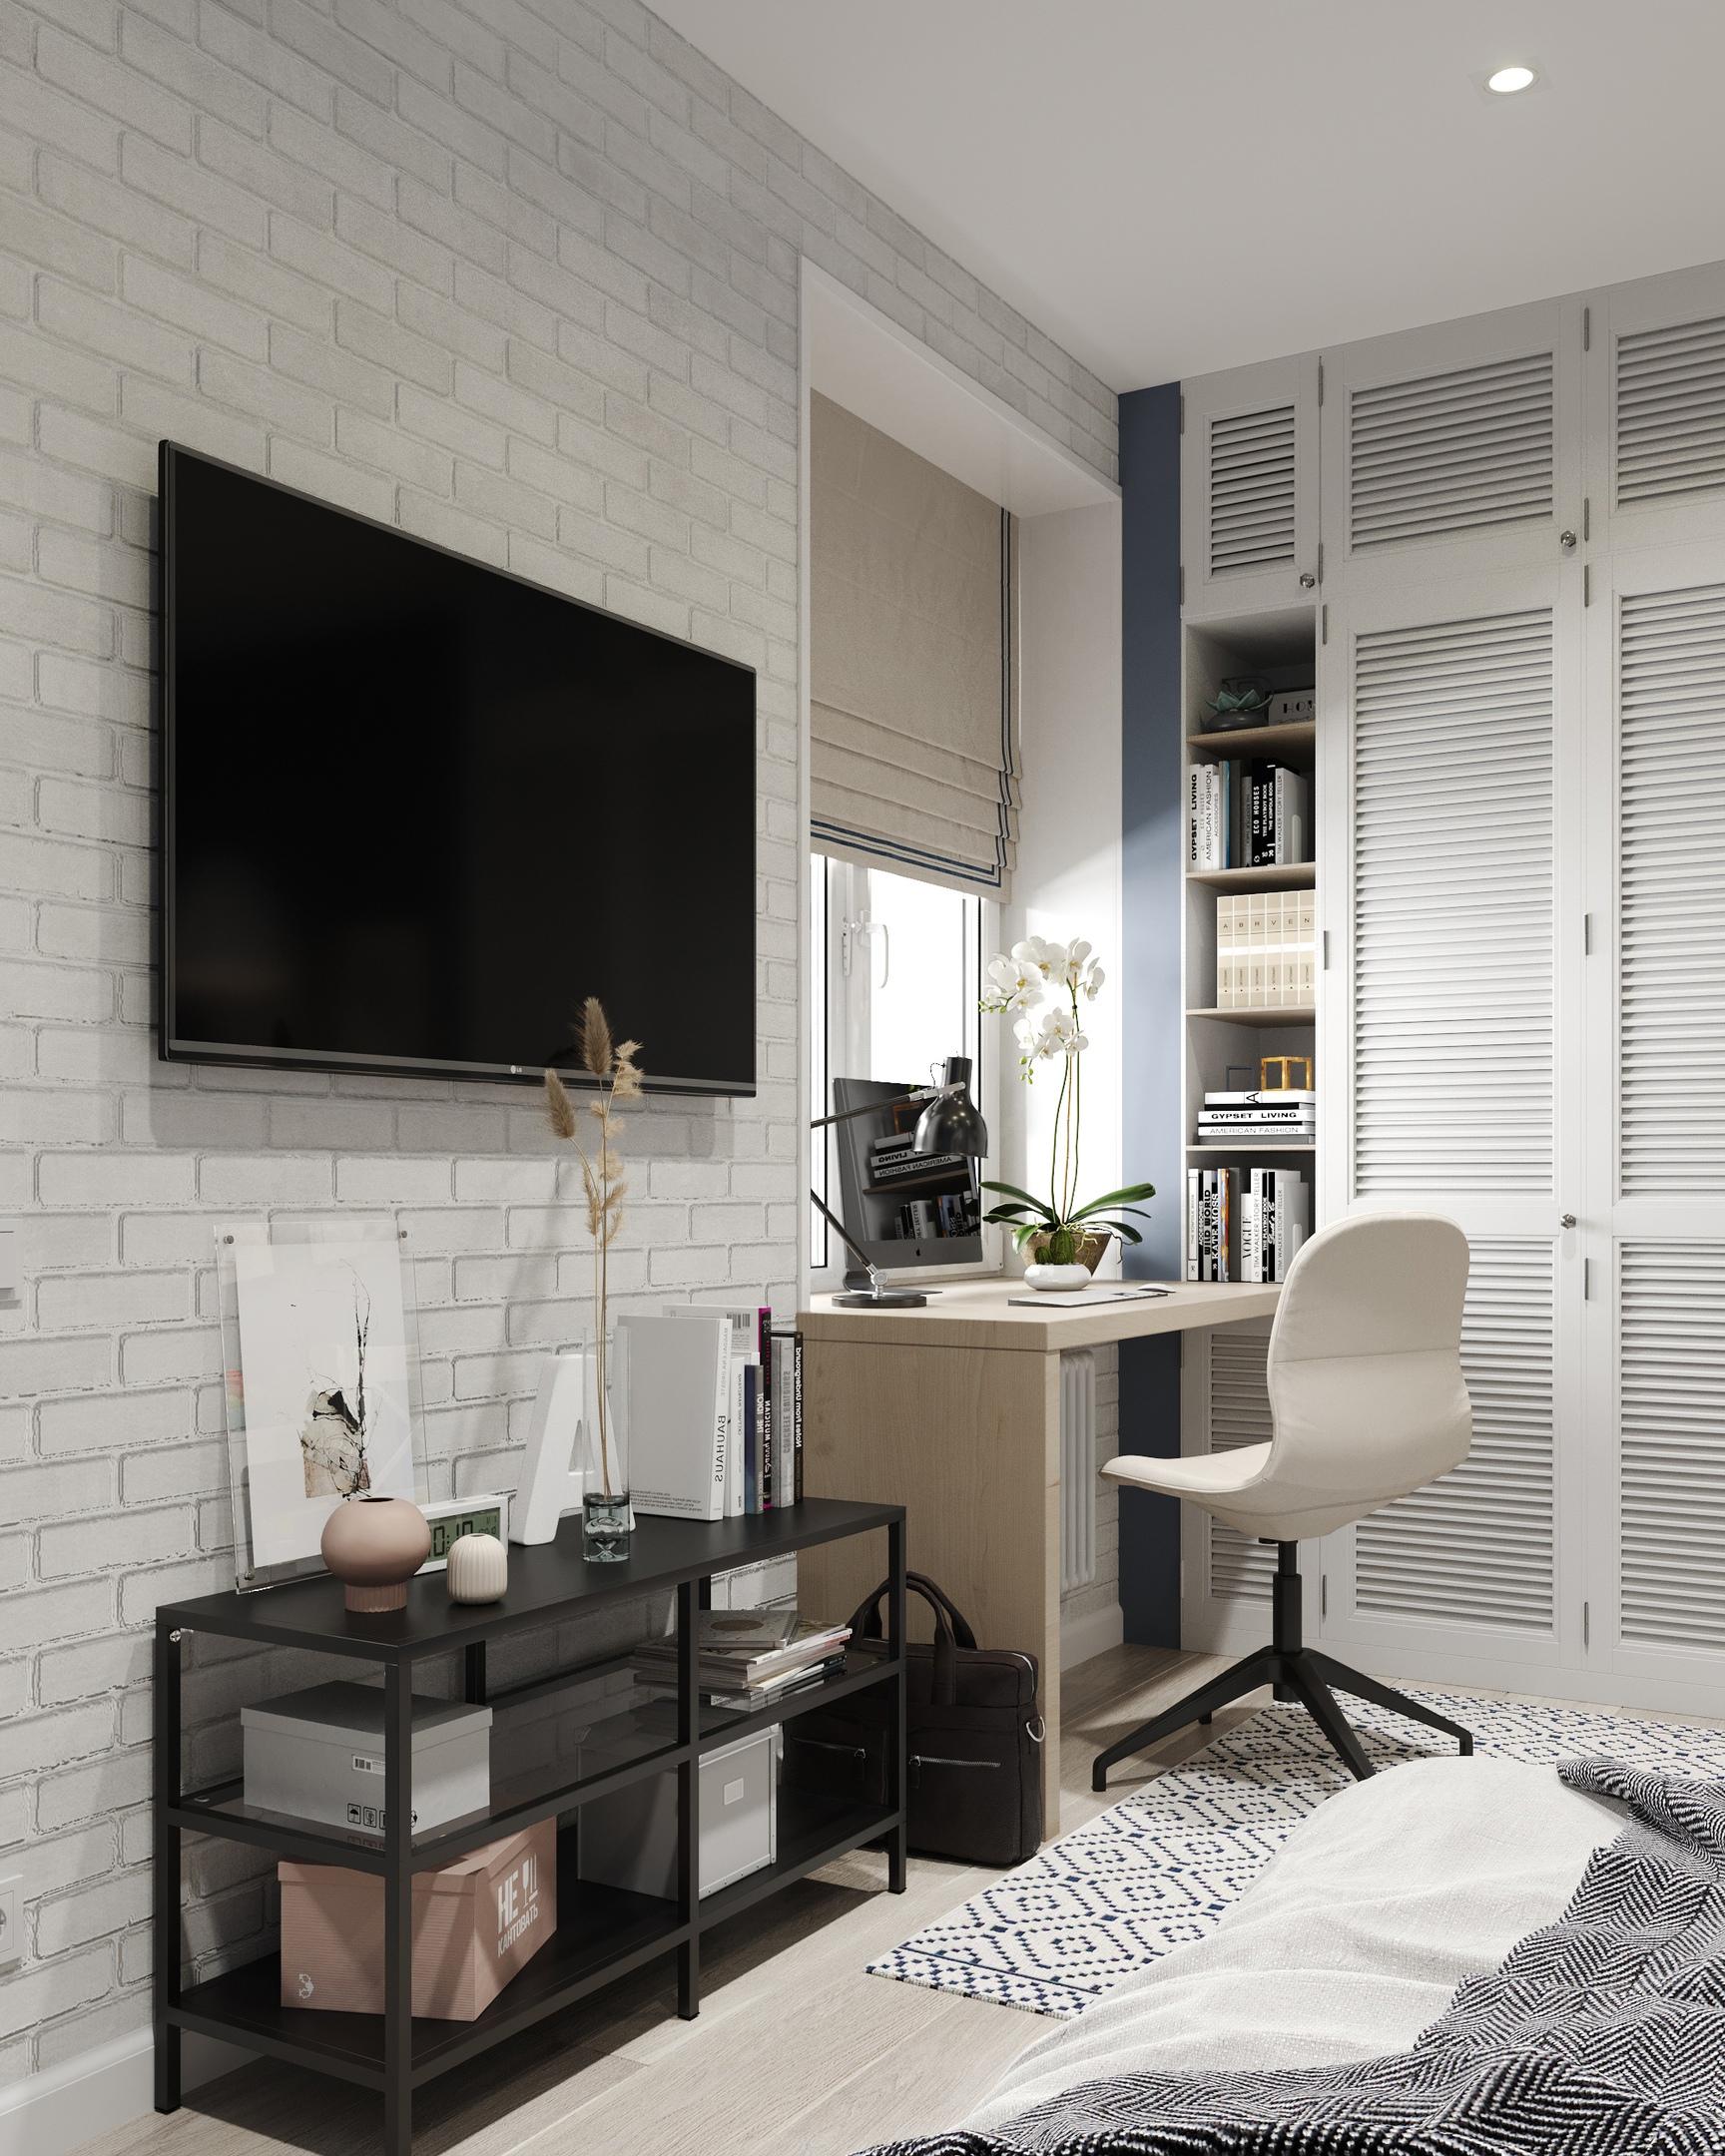 Проект квартиры-студии для семьи с ребенком школьного возраста.